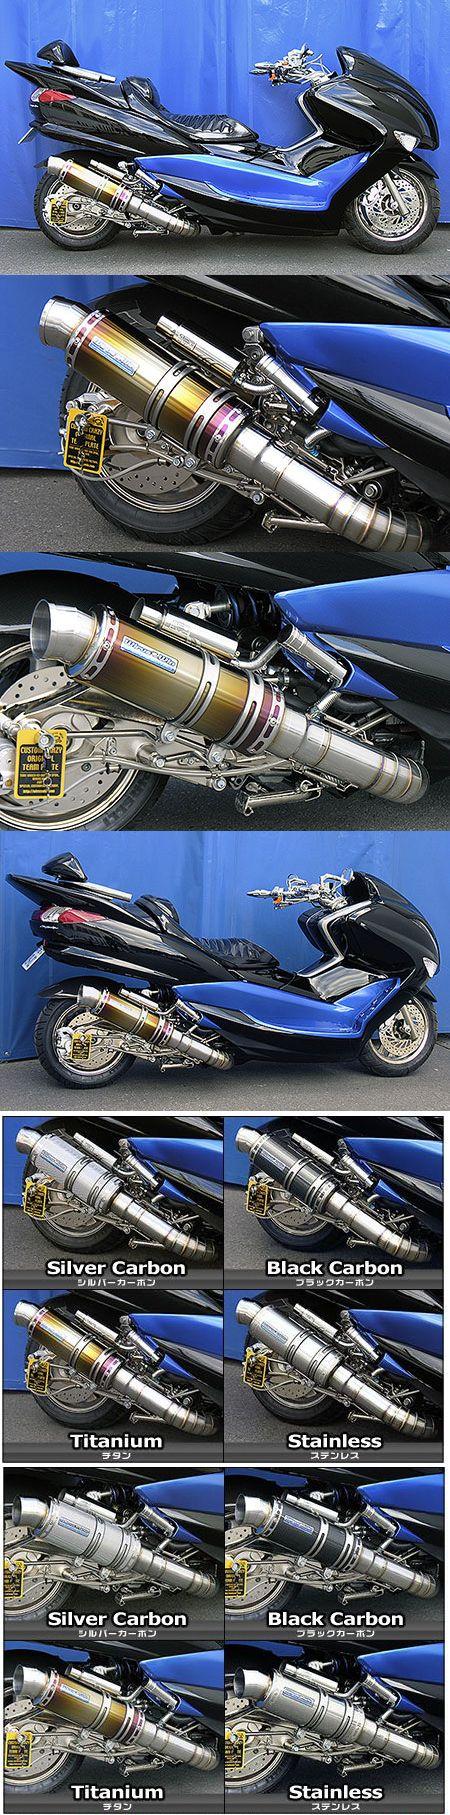 【WirusWin】Premium全段排氣管 鈦合金款式 重低音版 - 「Webike-摩托百貨」